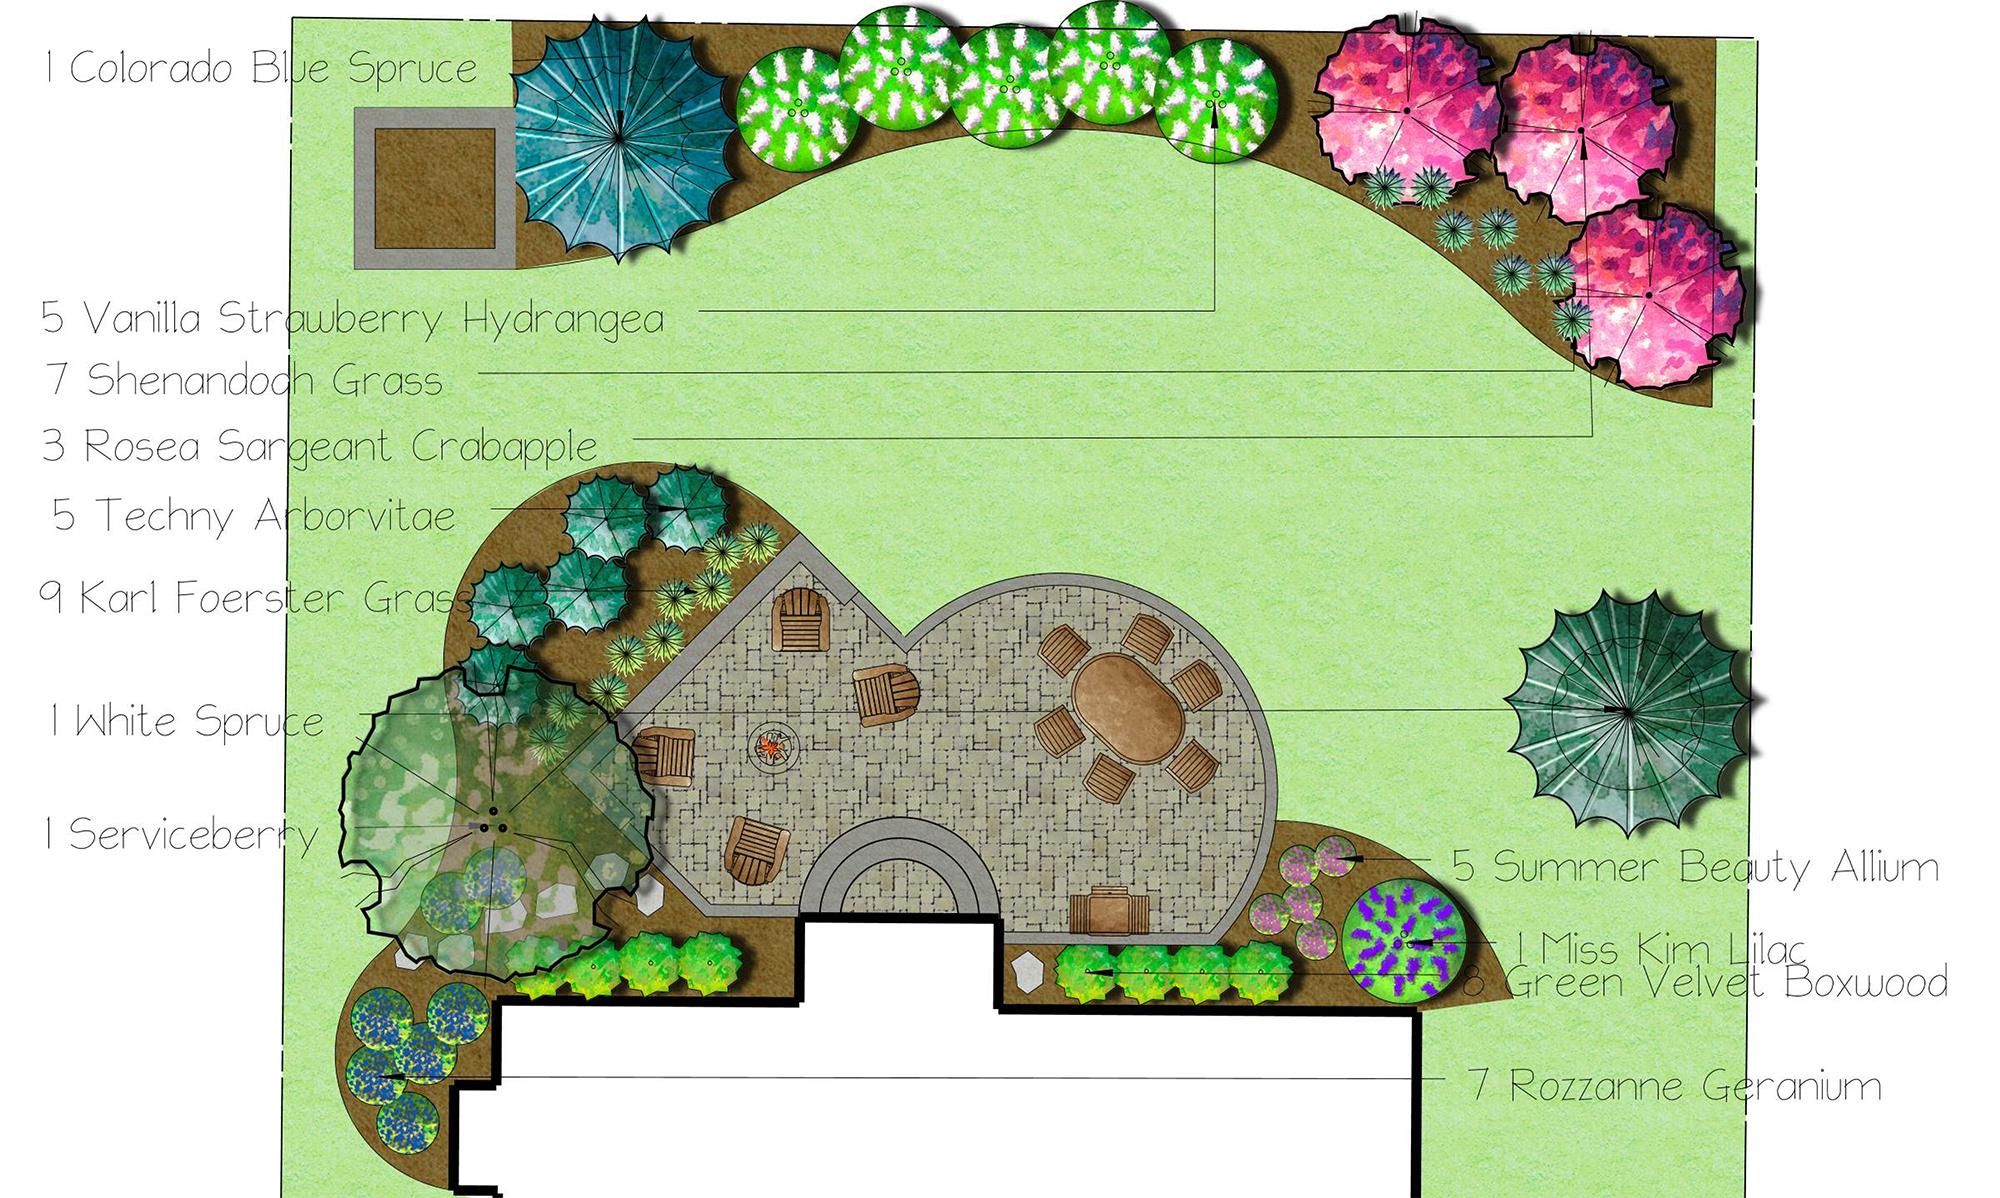 Landscaping Design Plan